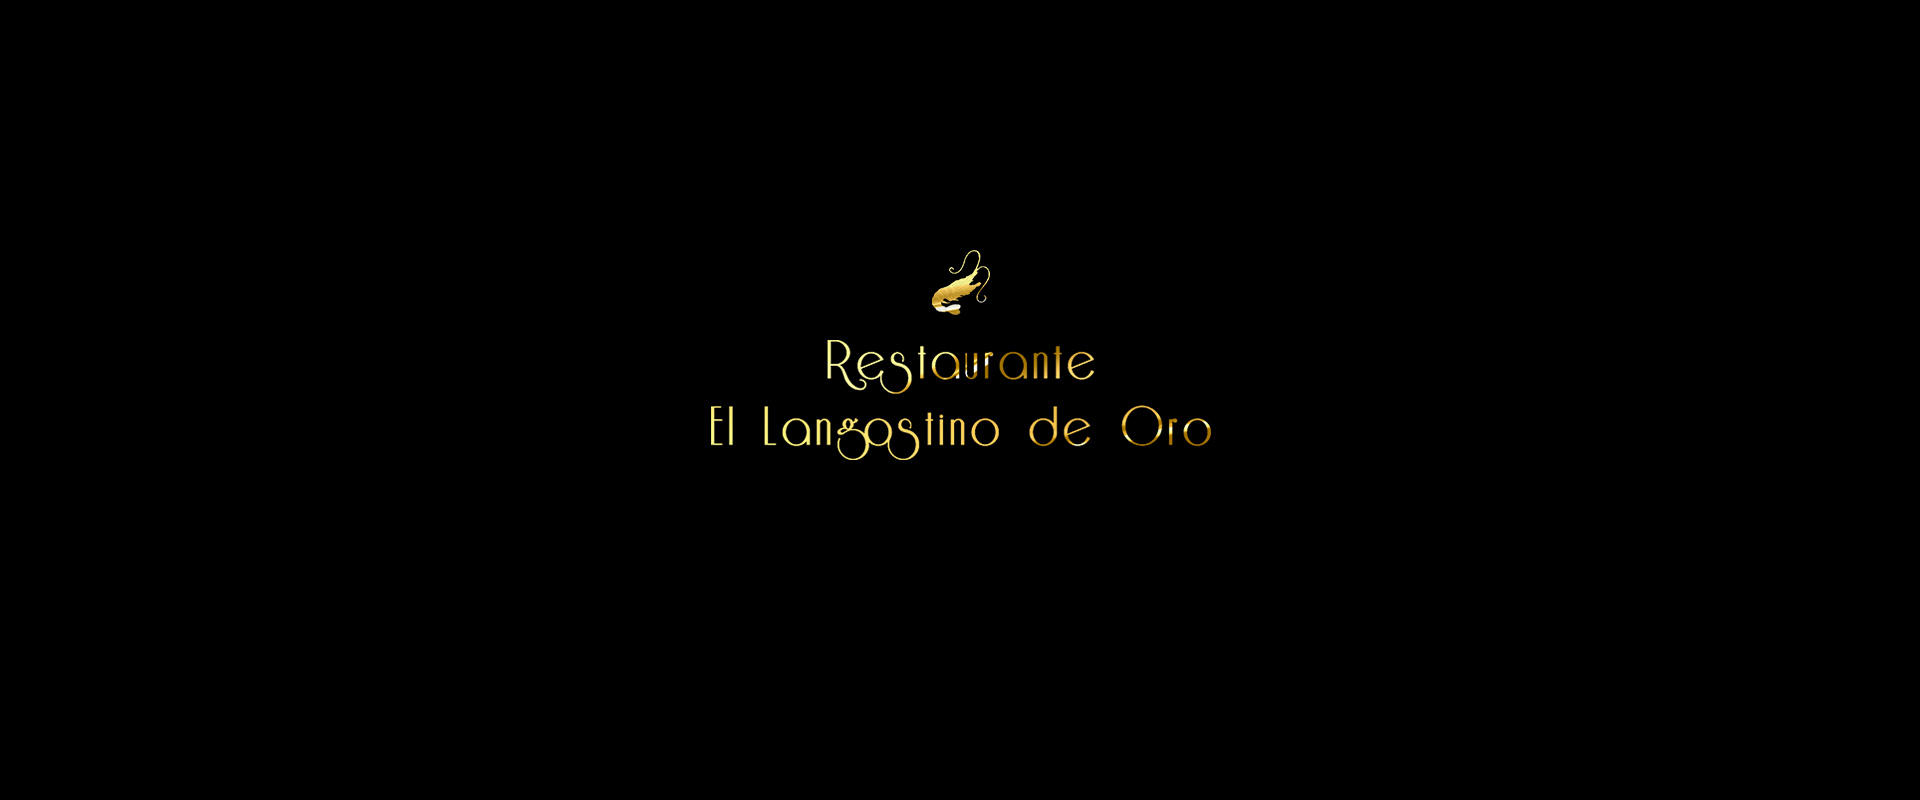 estudio_web_doce_vinaros_pagina_web_restaurante_el_langostino_de_oro